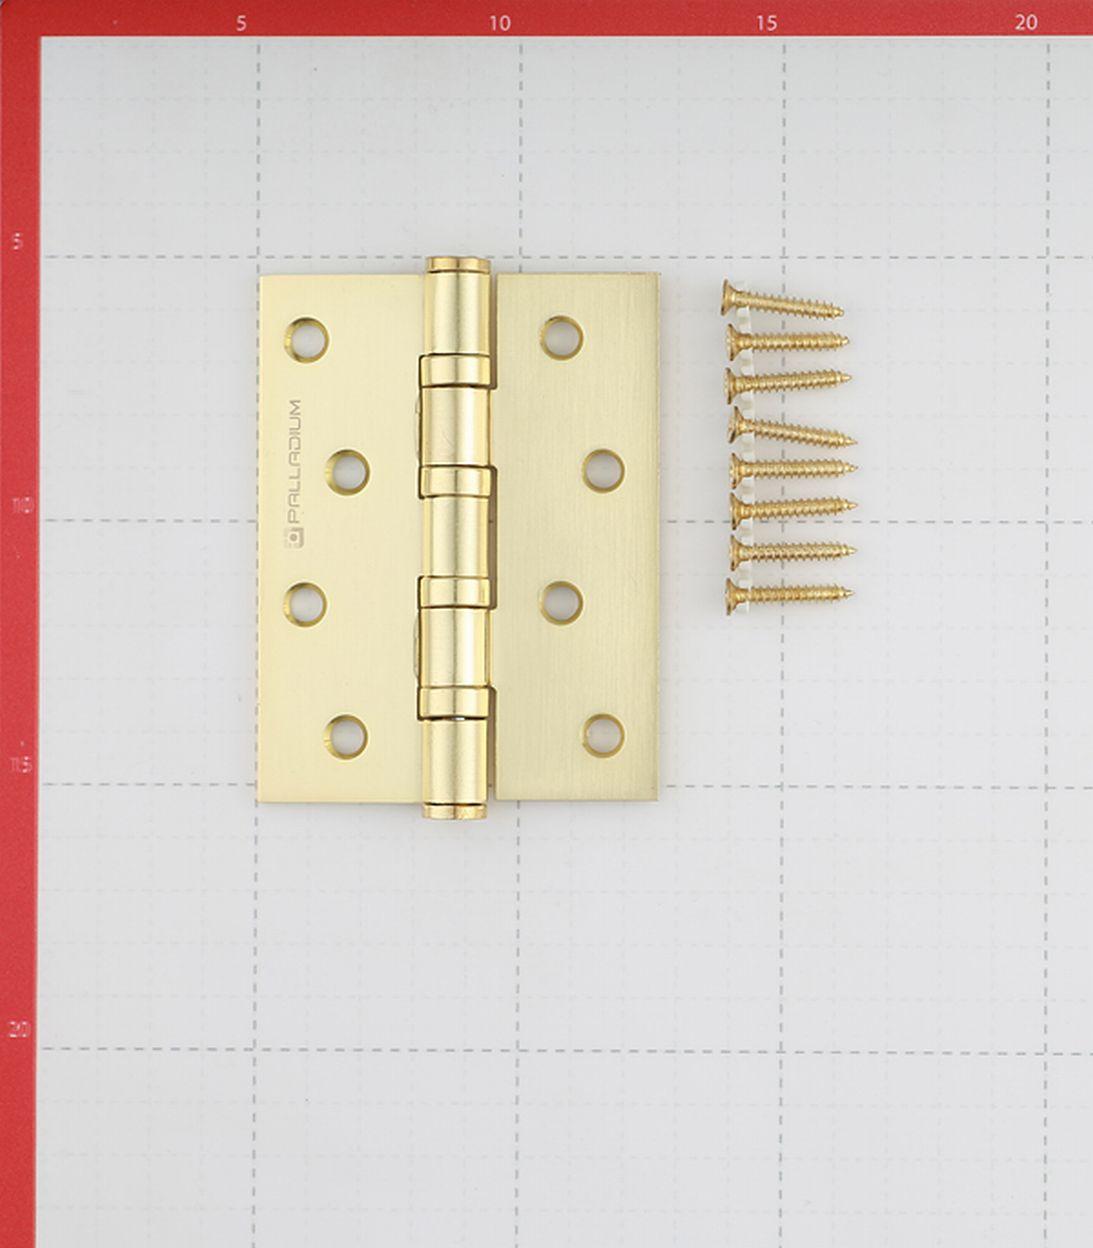 Петля Palladium N 4BB-100 SB универсальная неразъемная 100х75 мм латунь